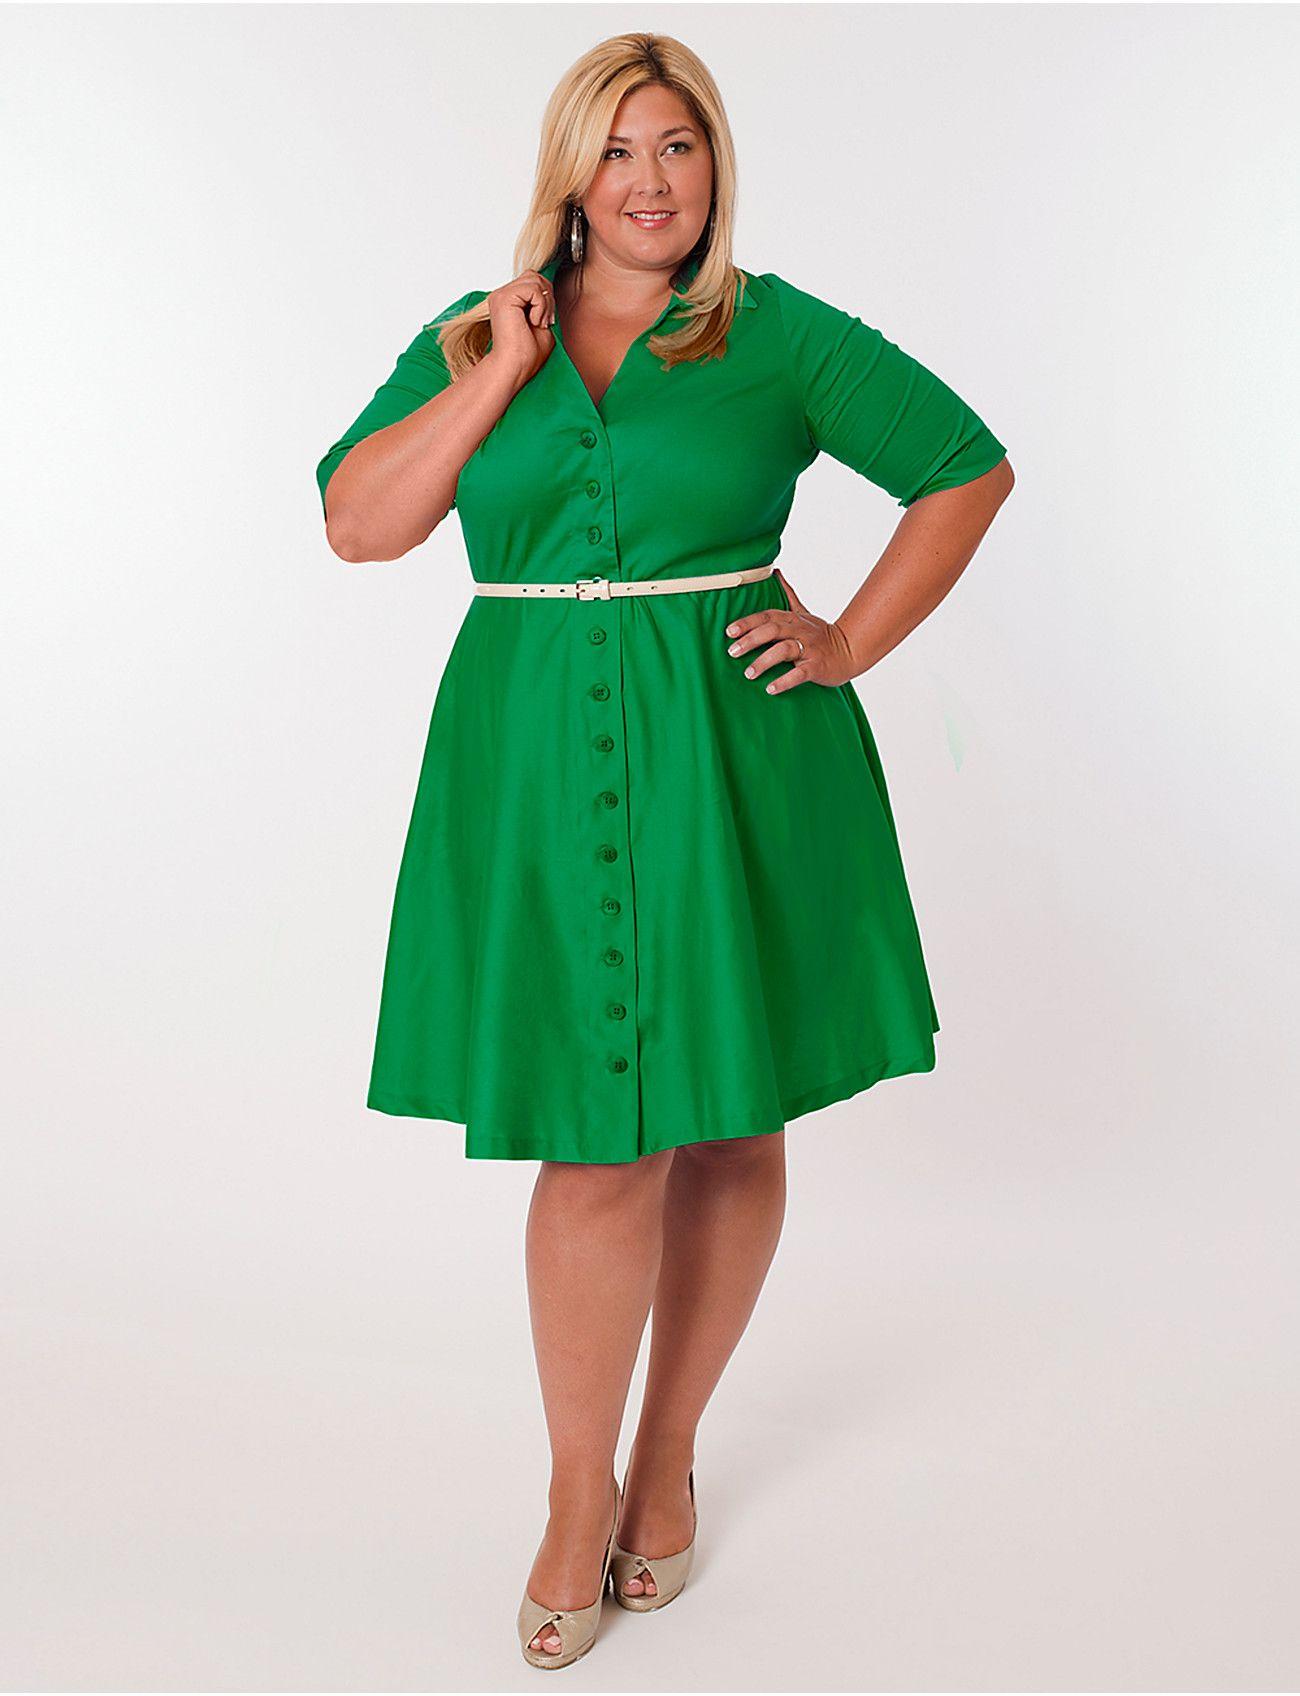 Vineyard Dress in Kelly Green by Eliza Parker (item 166856 ...